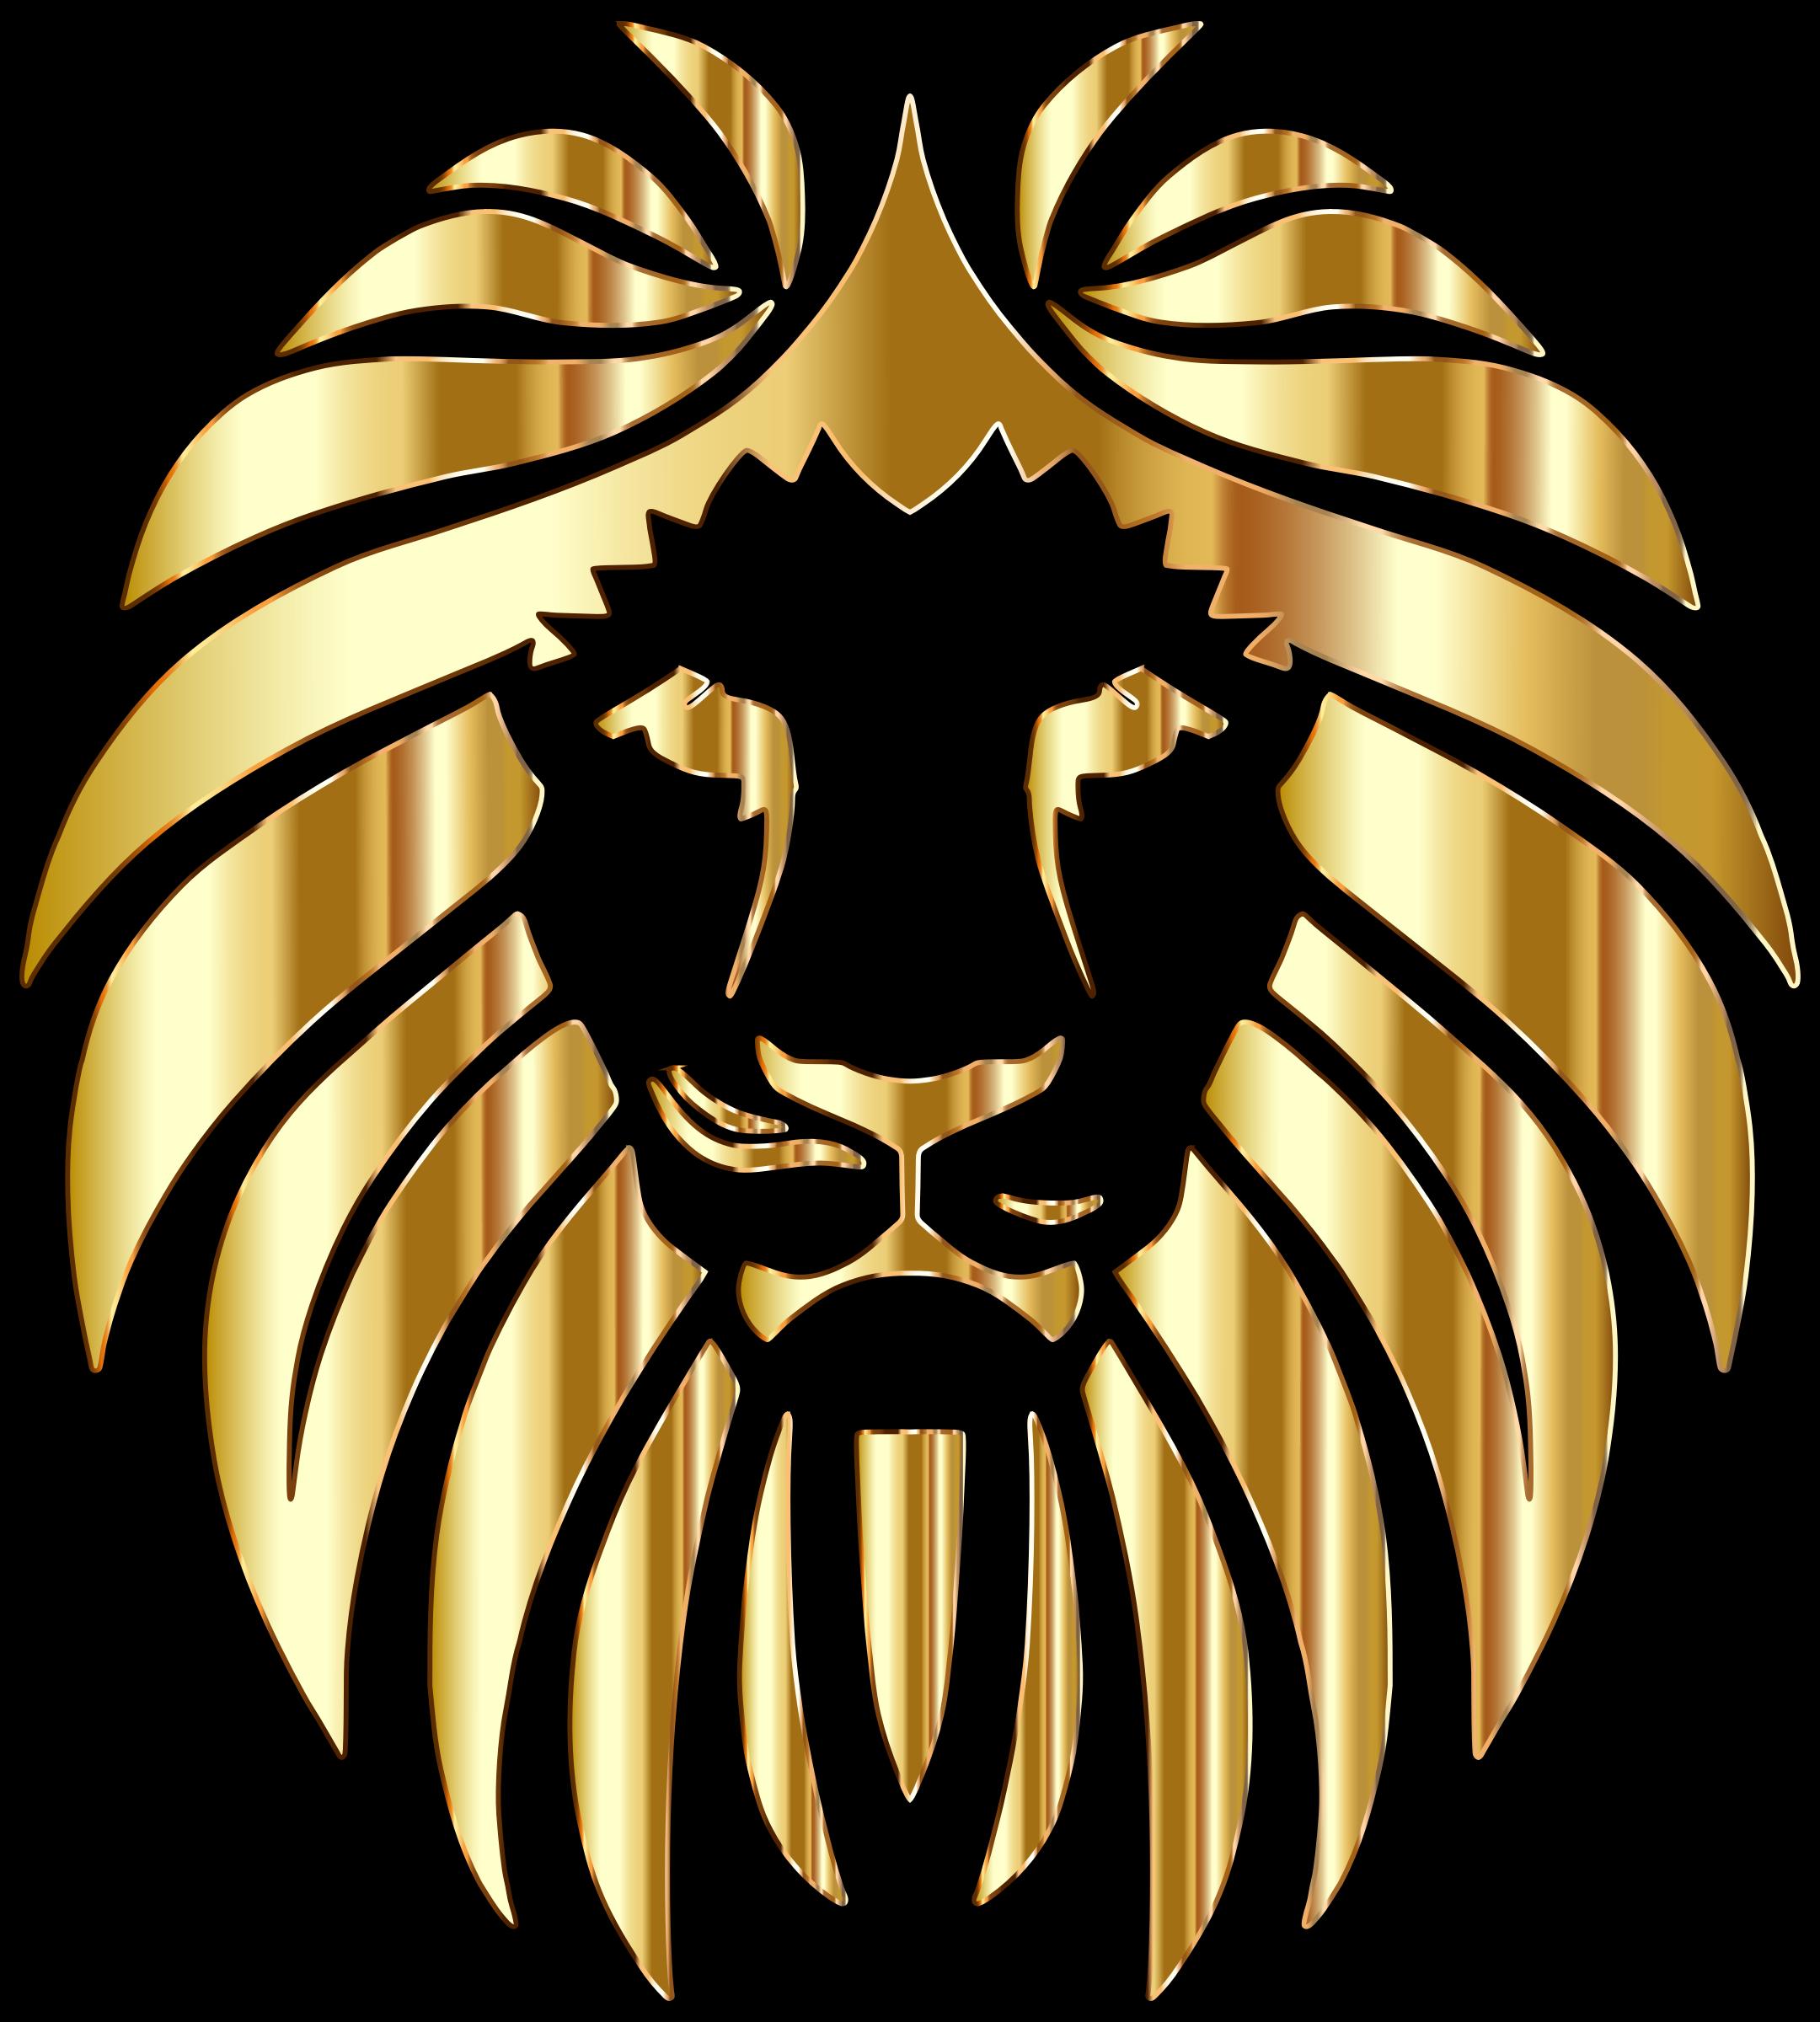 Golden lion clipart.